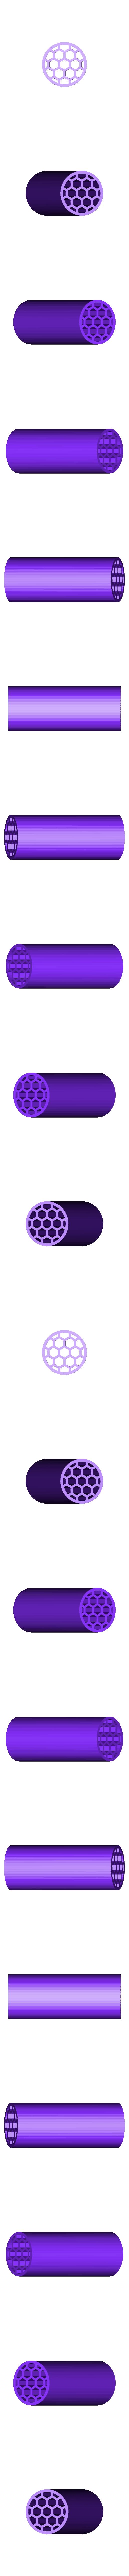 panal de abejas.STL Télécharger fichier STL 36 CONSEILS SUR LES FILTRES À MAUVAISES HERBES VOL.1+2+3+4 • Design pour impression 3D, SnakeCreations